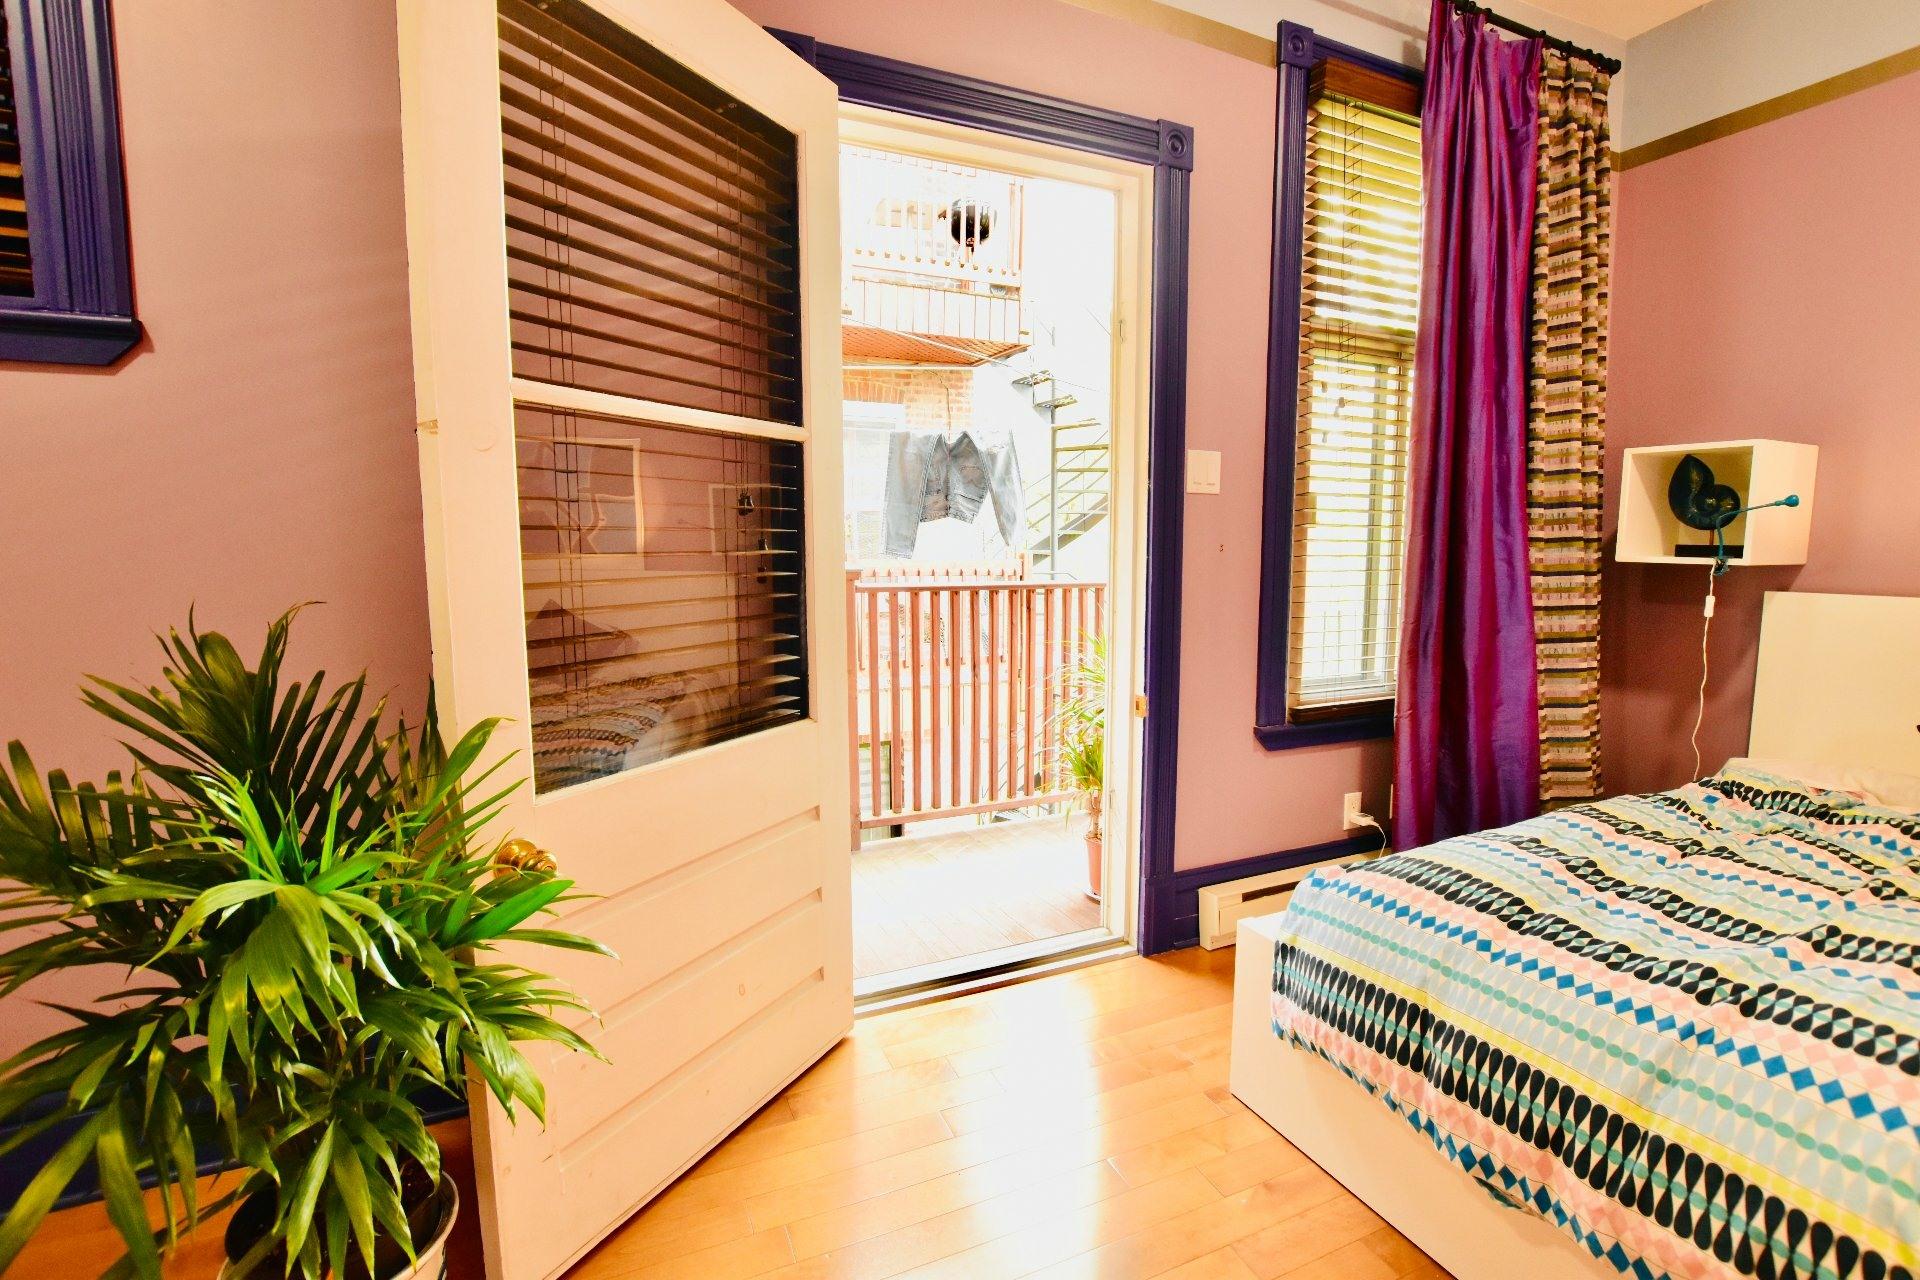 image 24 - Maison À louer Montréal Le Plateau-Mont-Royal  - 14 pièces